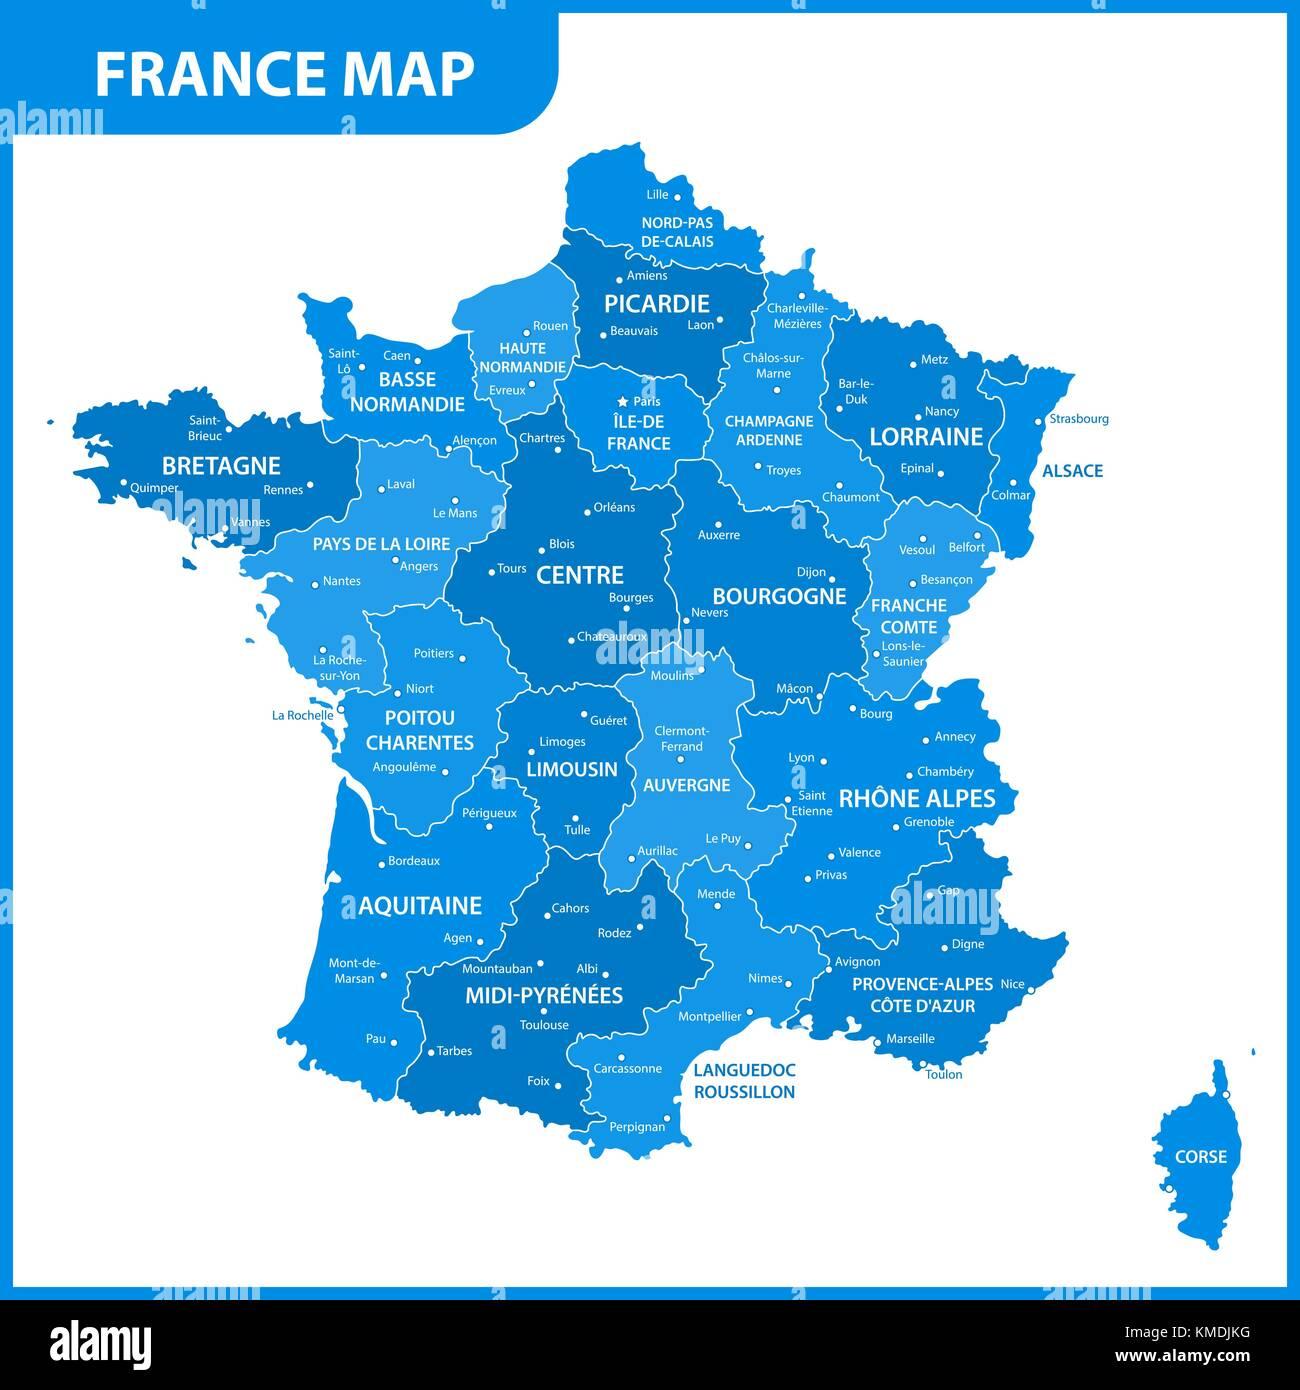 Frankreich Karte Regionen.Die Detaillierte Karte Von Frankreich Mit Den Regionen Oder Staaten